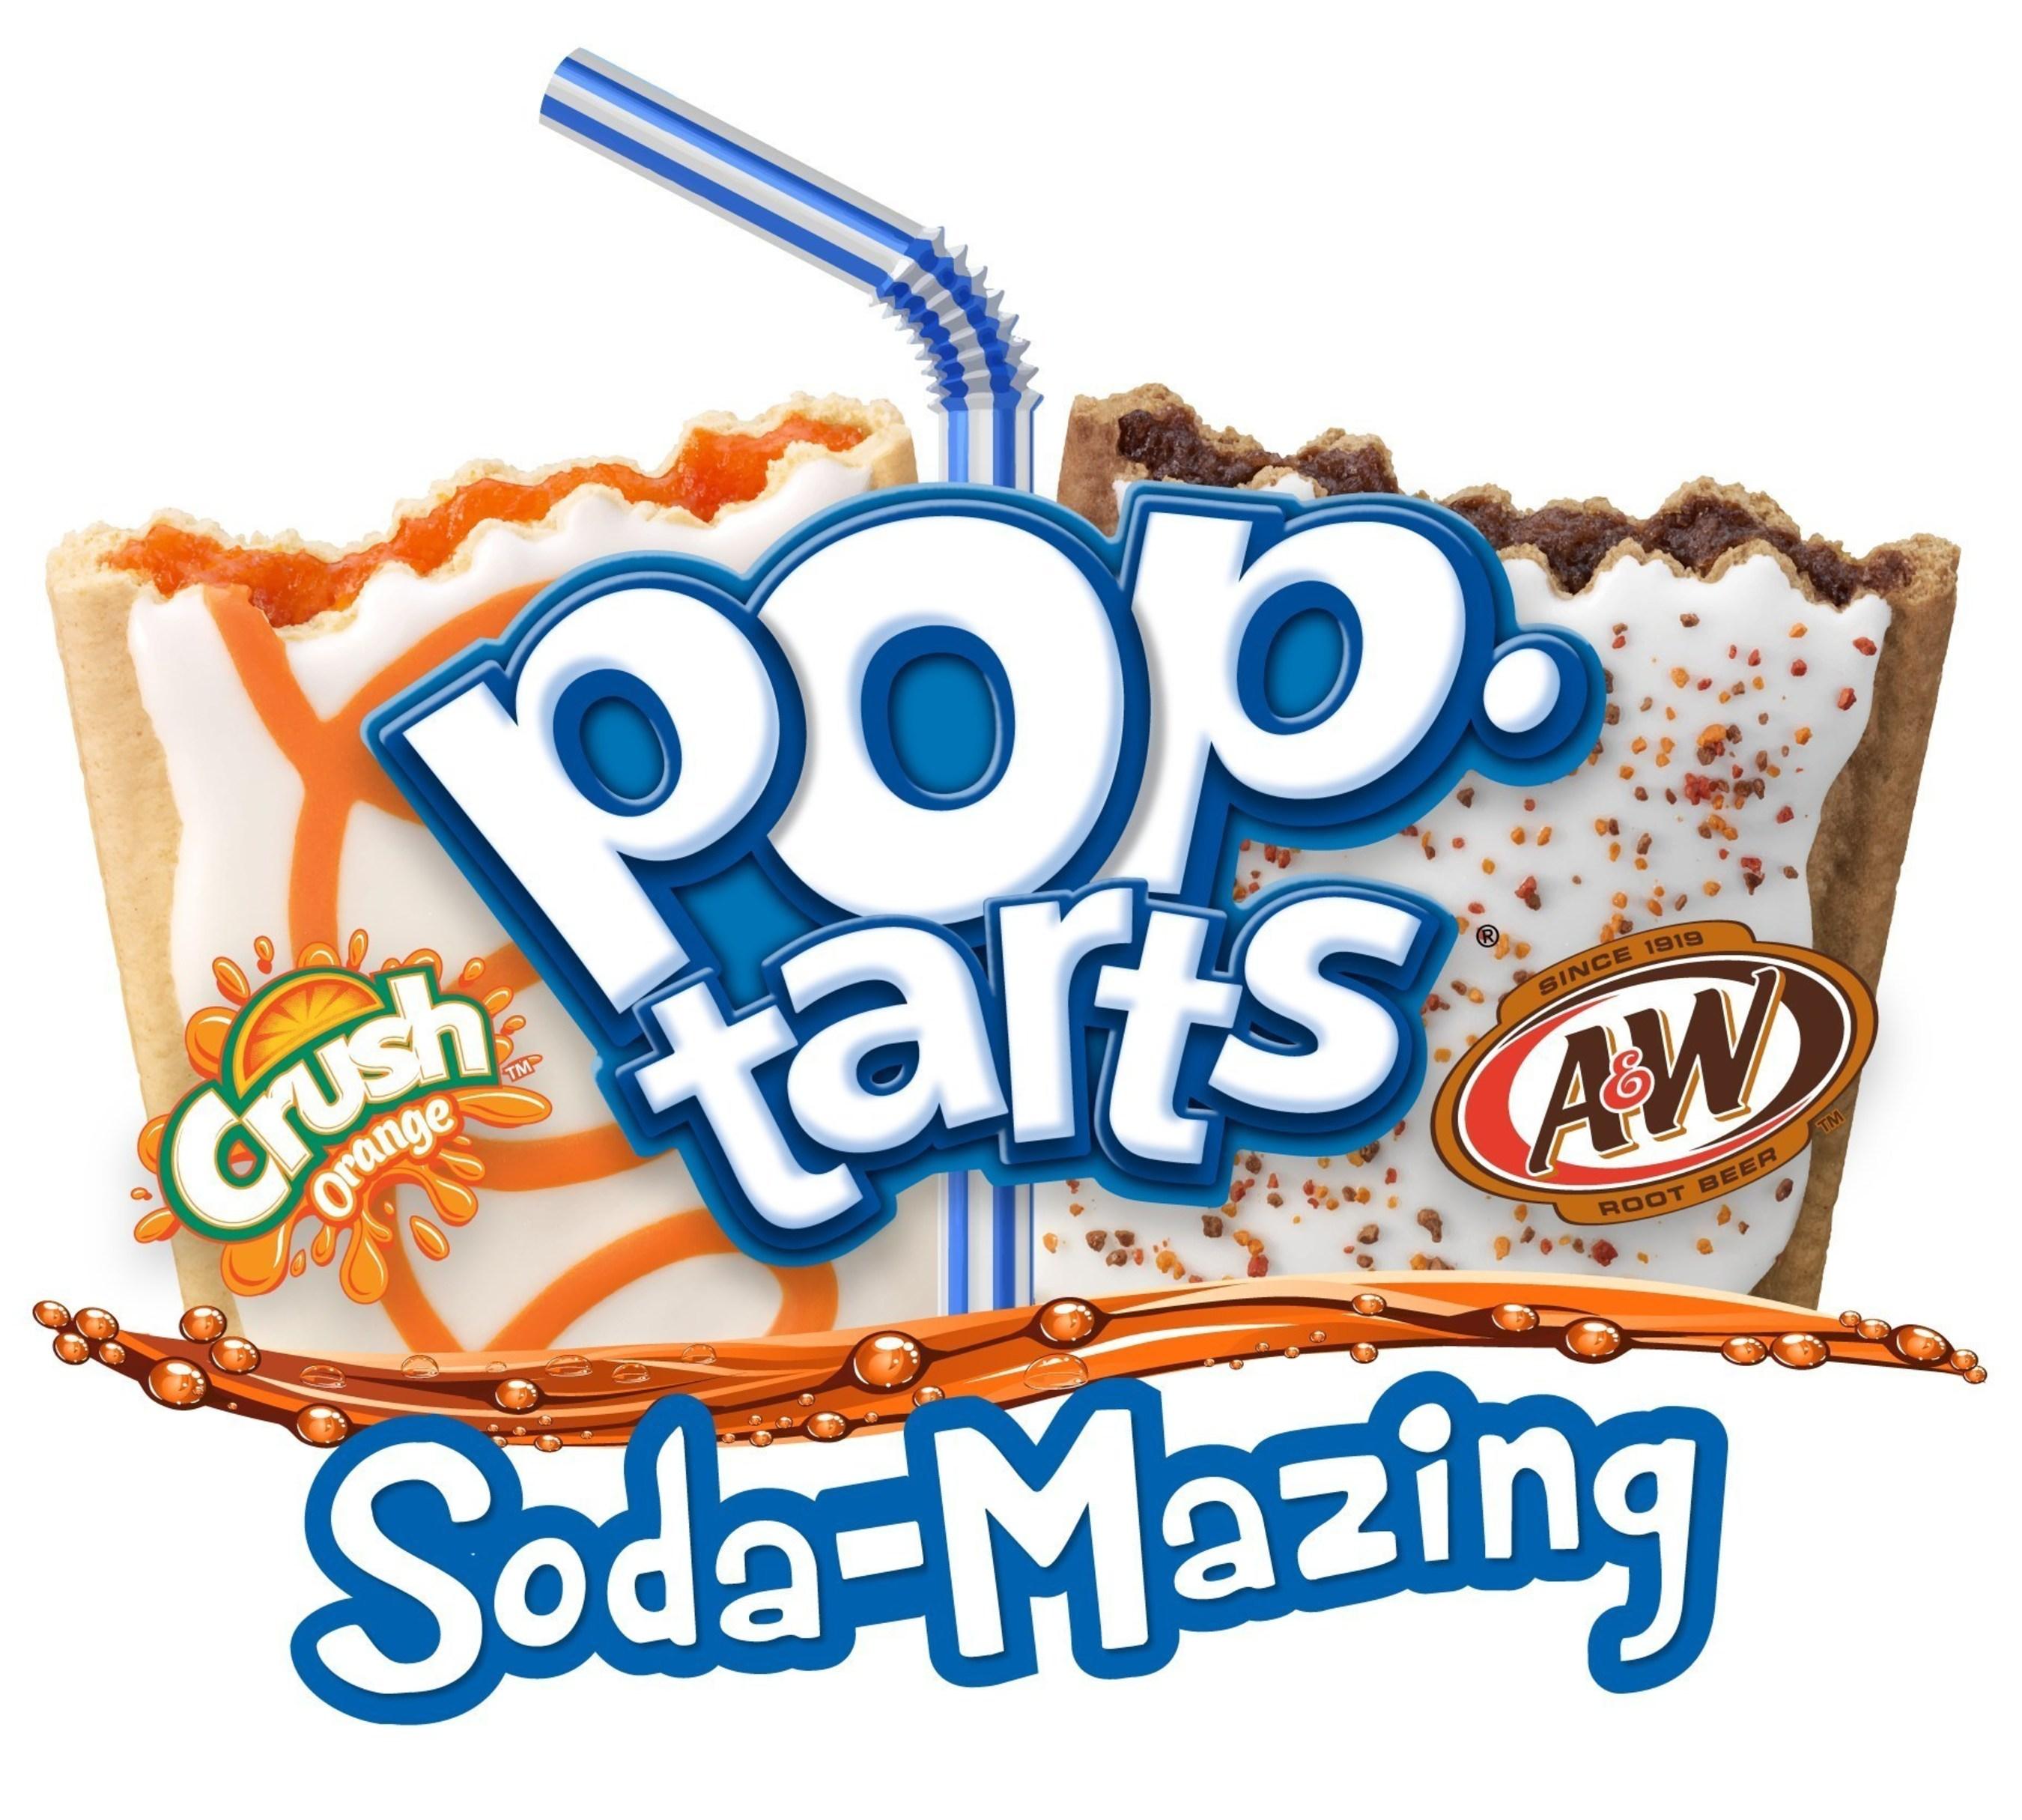 Pop-Tarts(R) Soda-Mazing